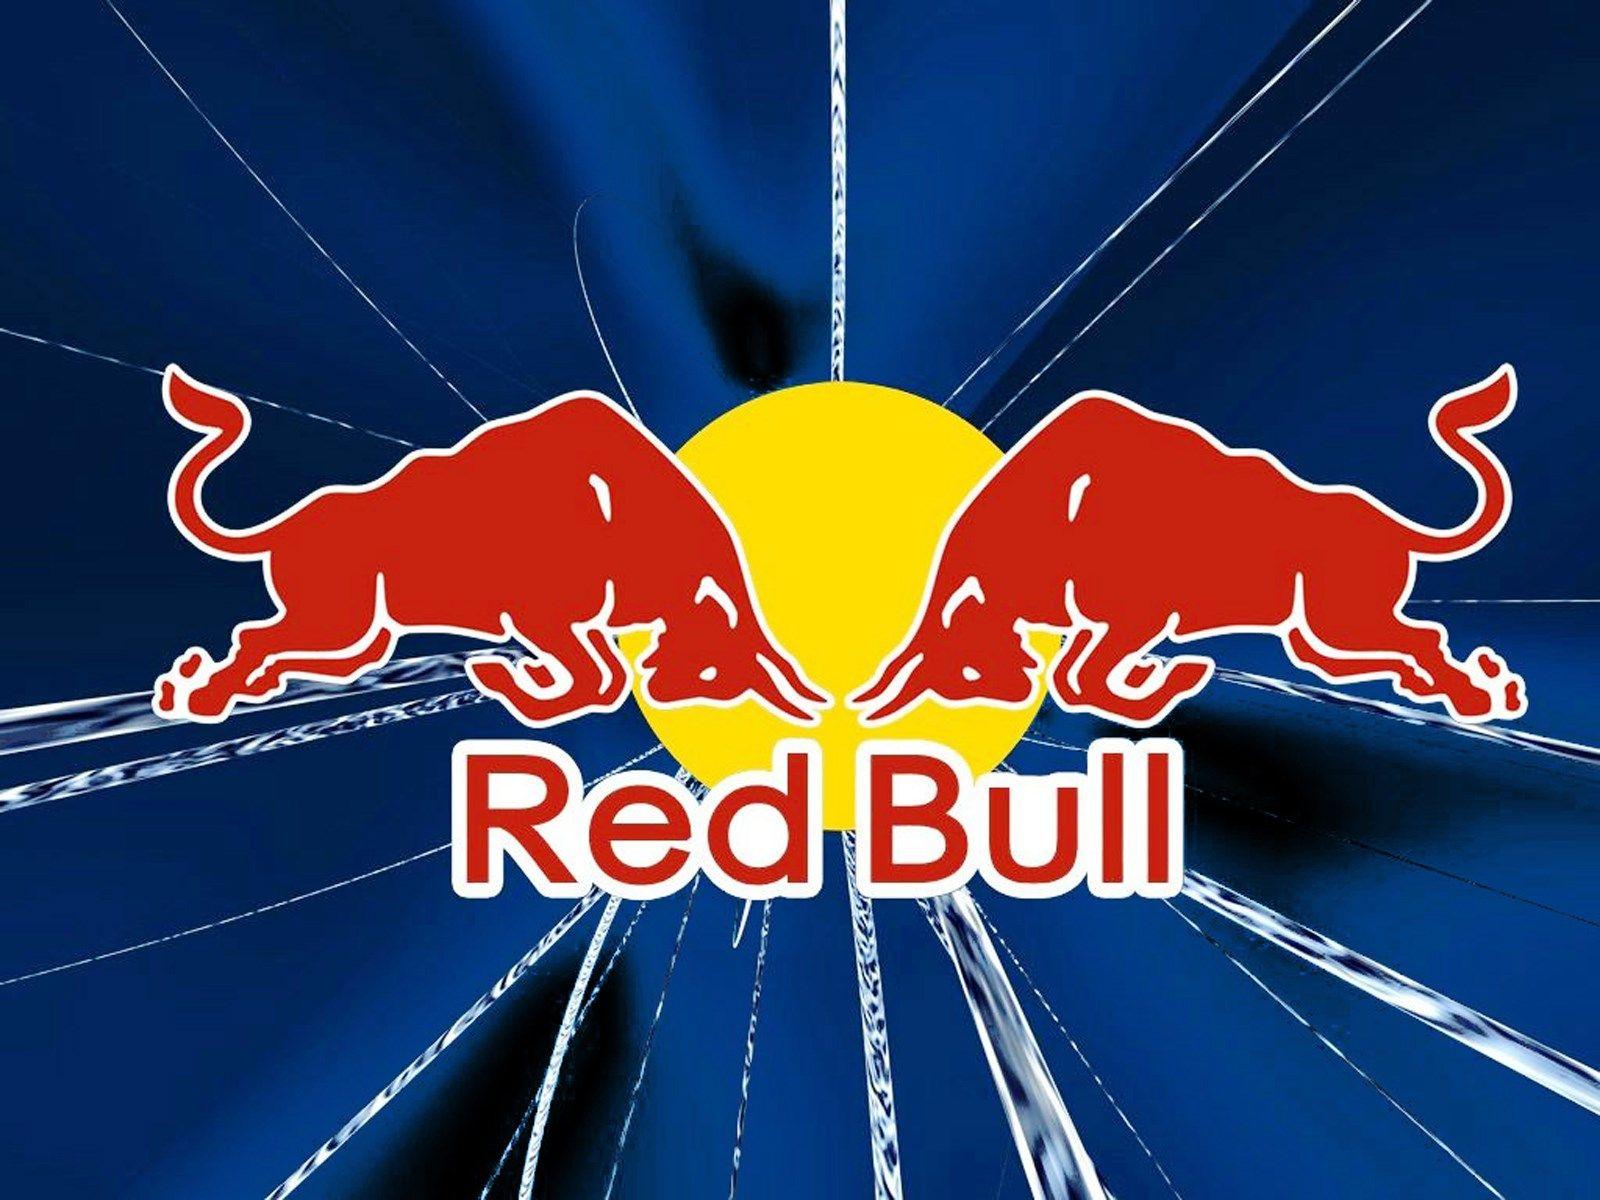 hd red bull logo wallpaper | ololoshenka | pinterest | red bull and